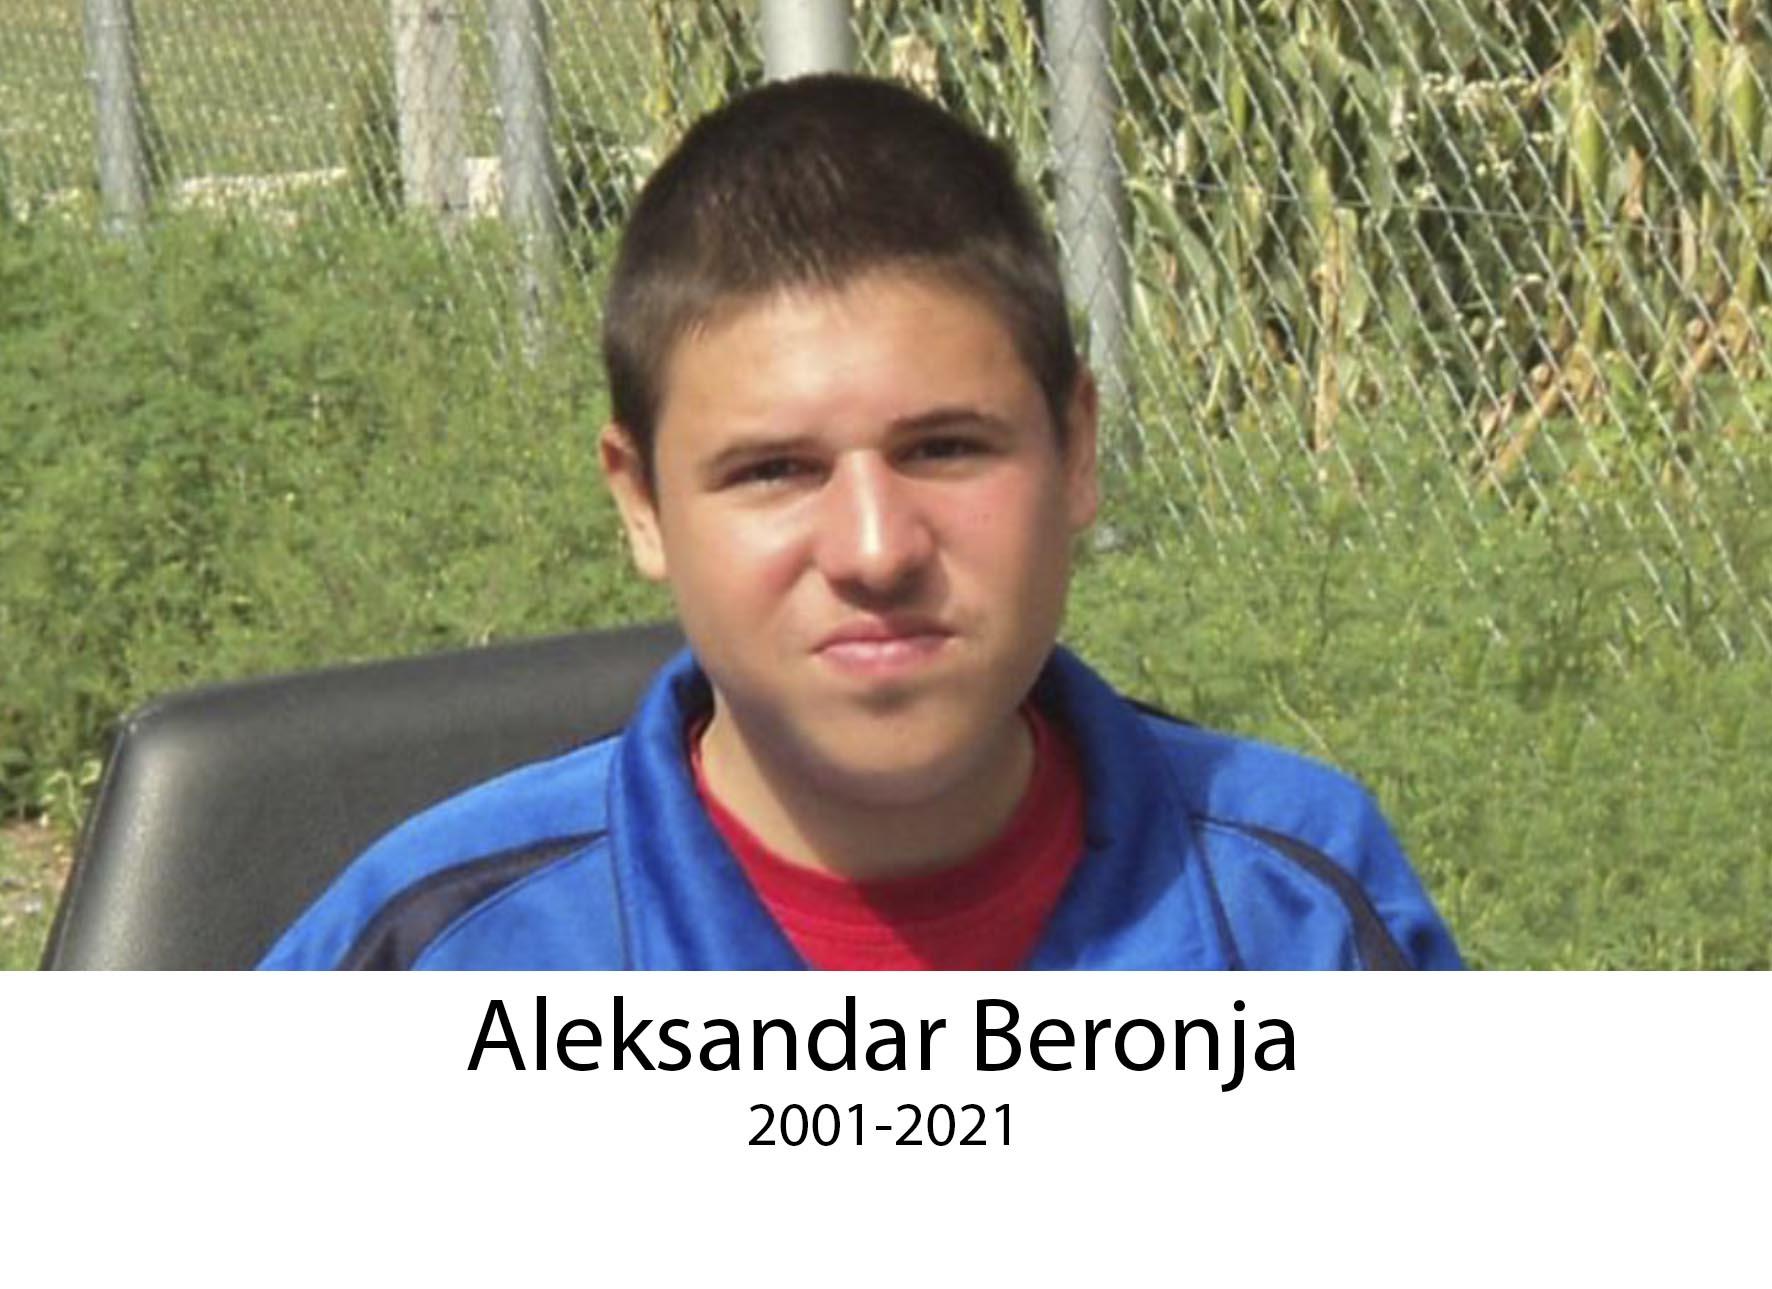 Aleksandar Beronja 2021-2021